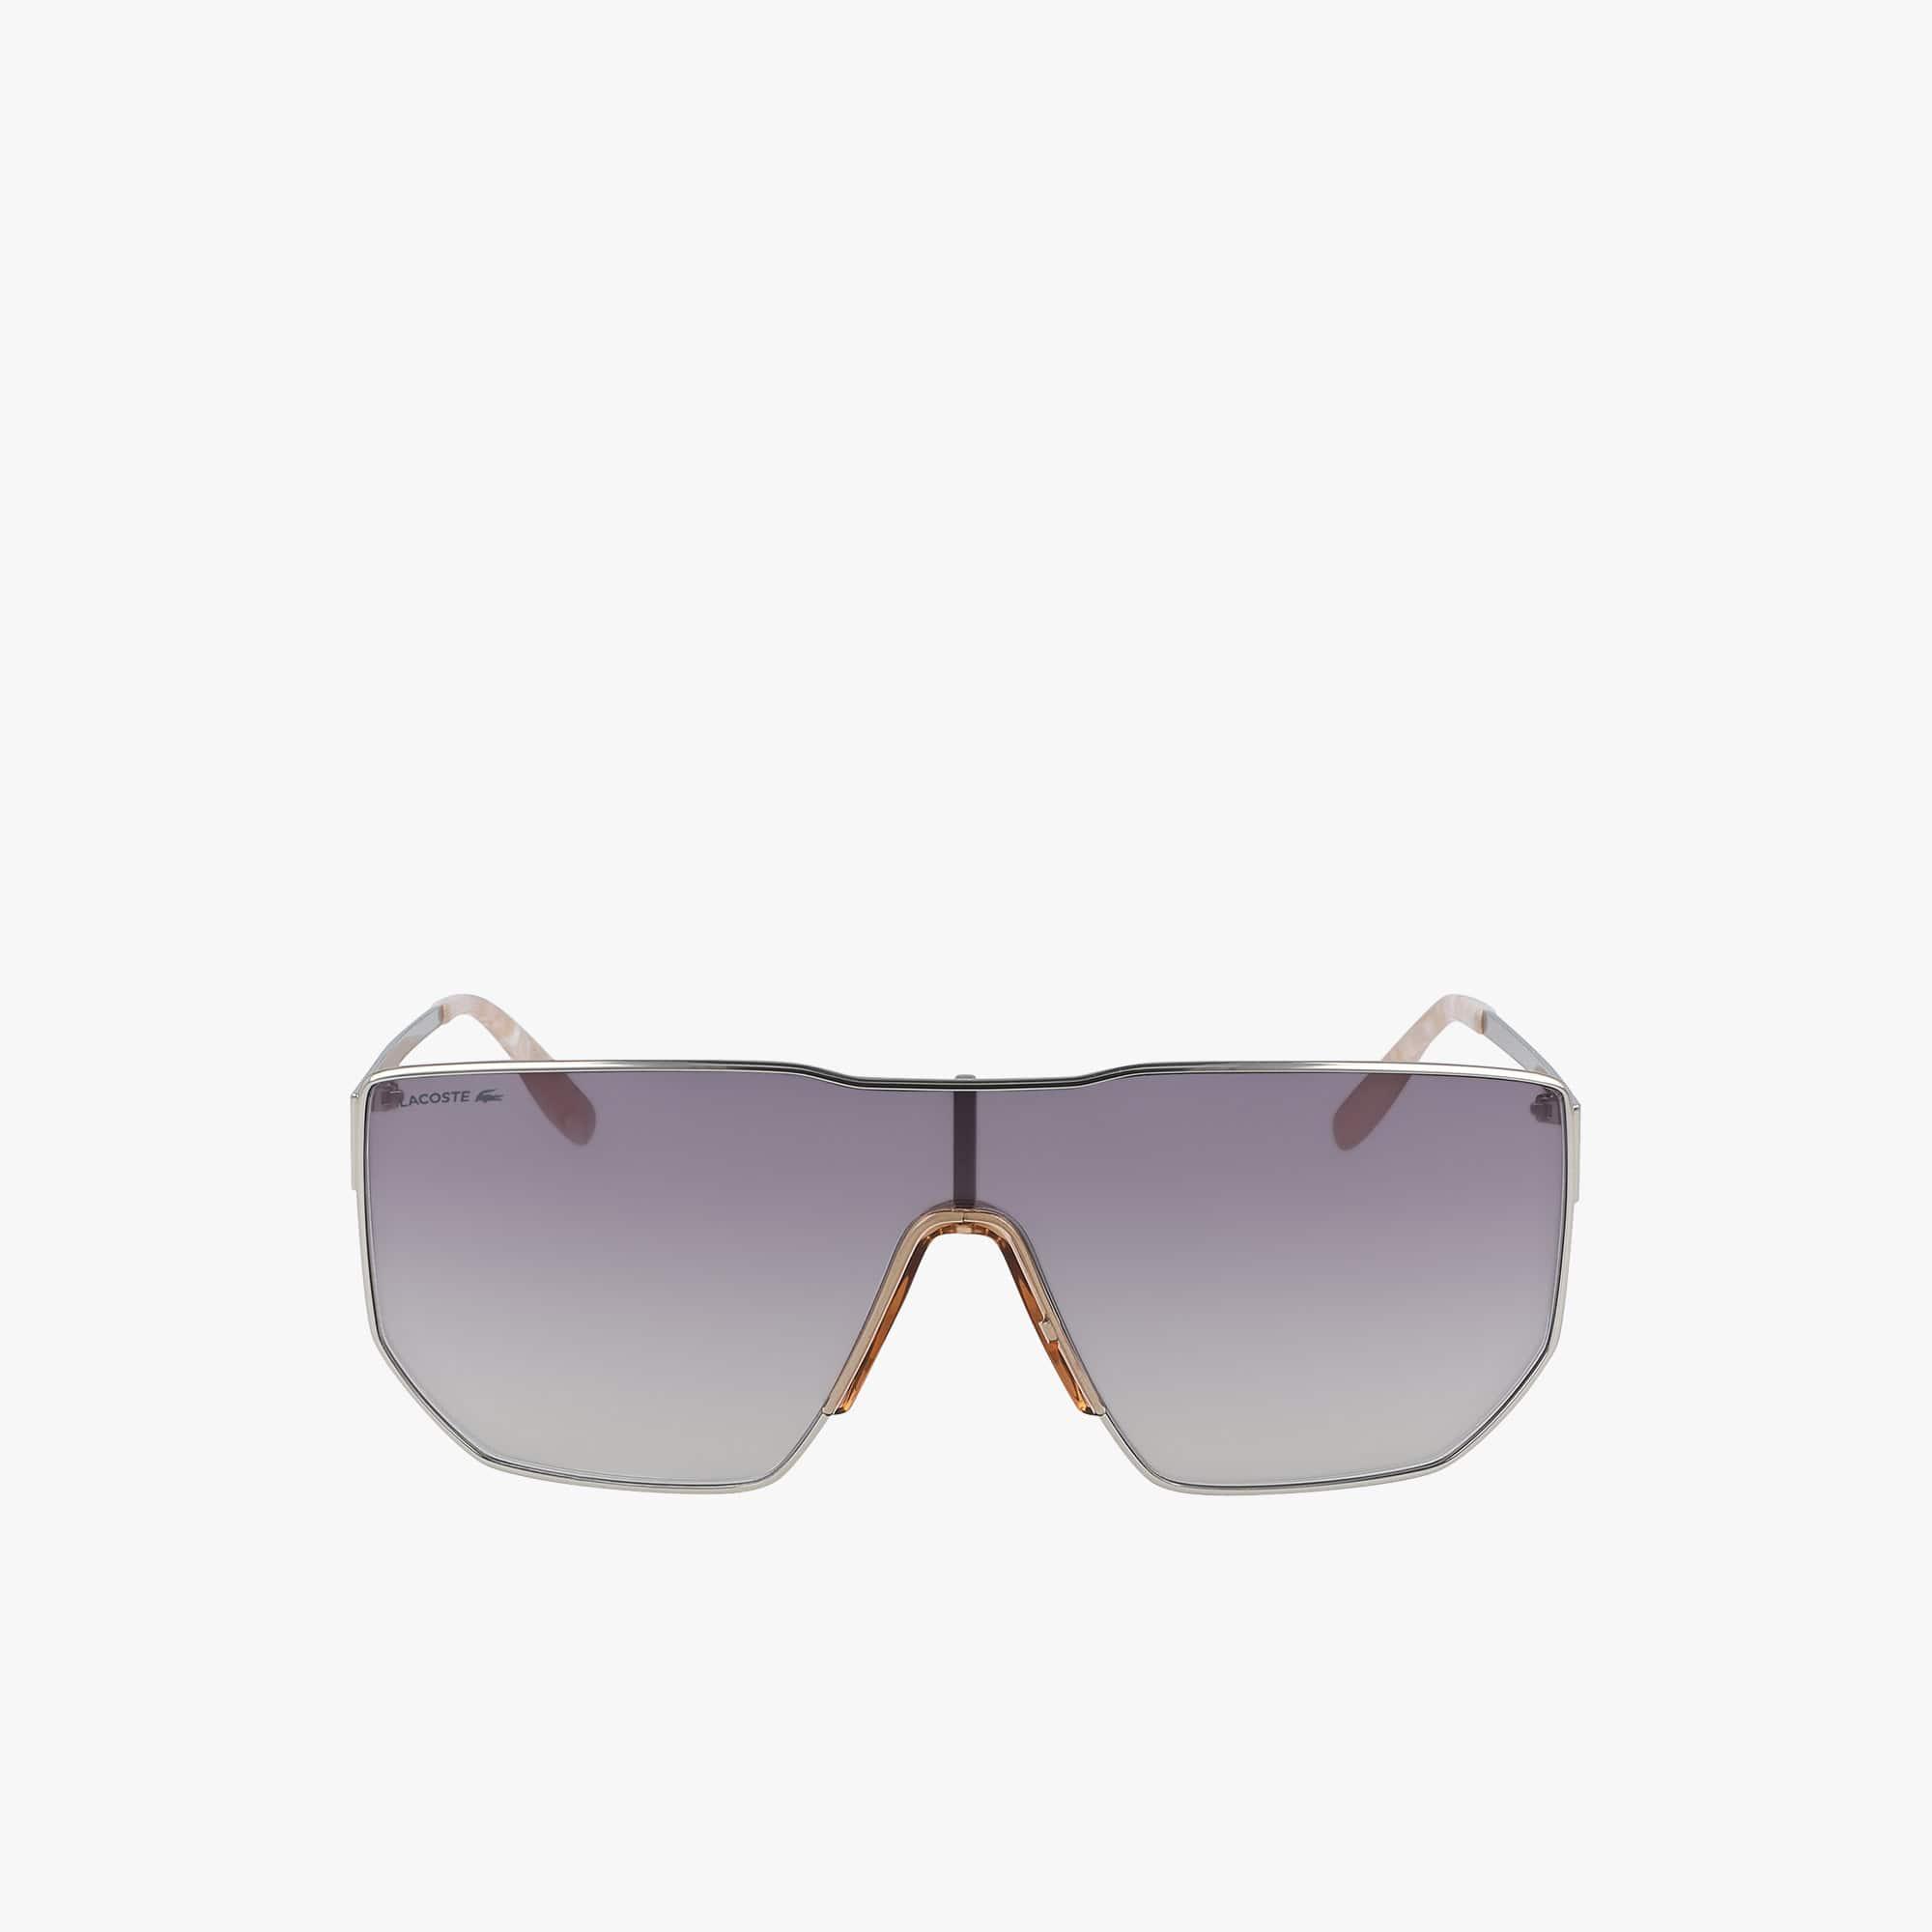 Sonnenbrille URBAN CORNER aus Metall mit Abschirmung